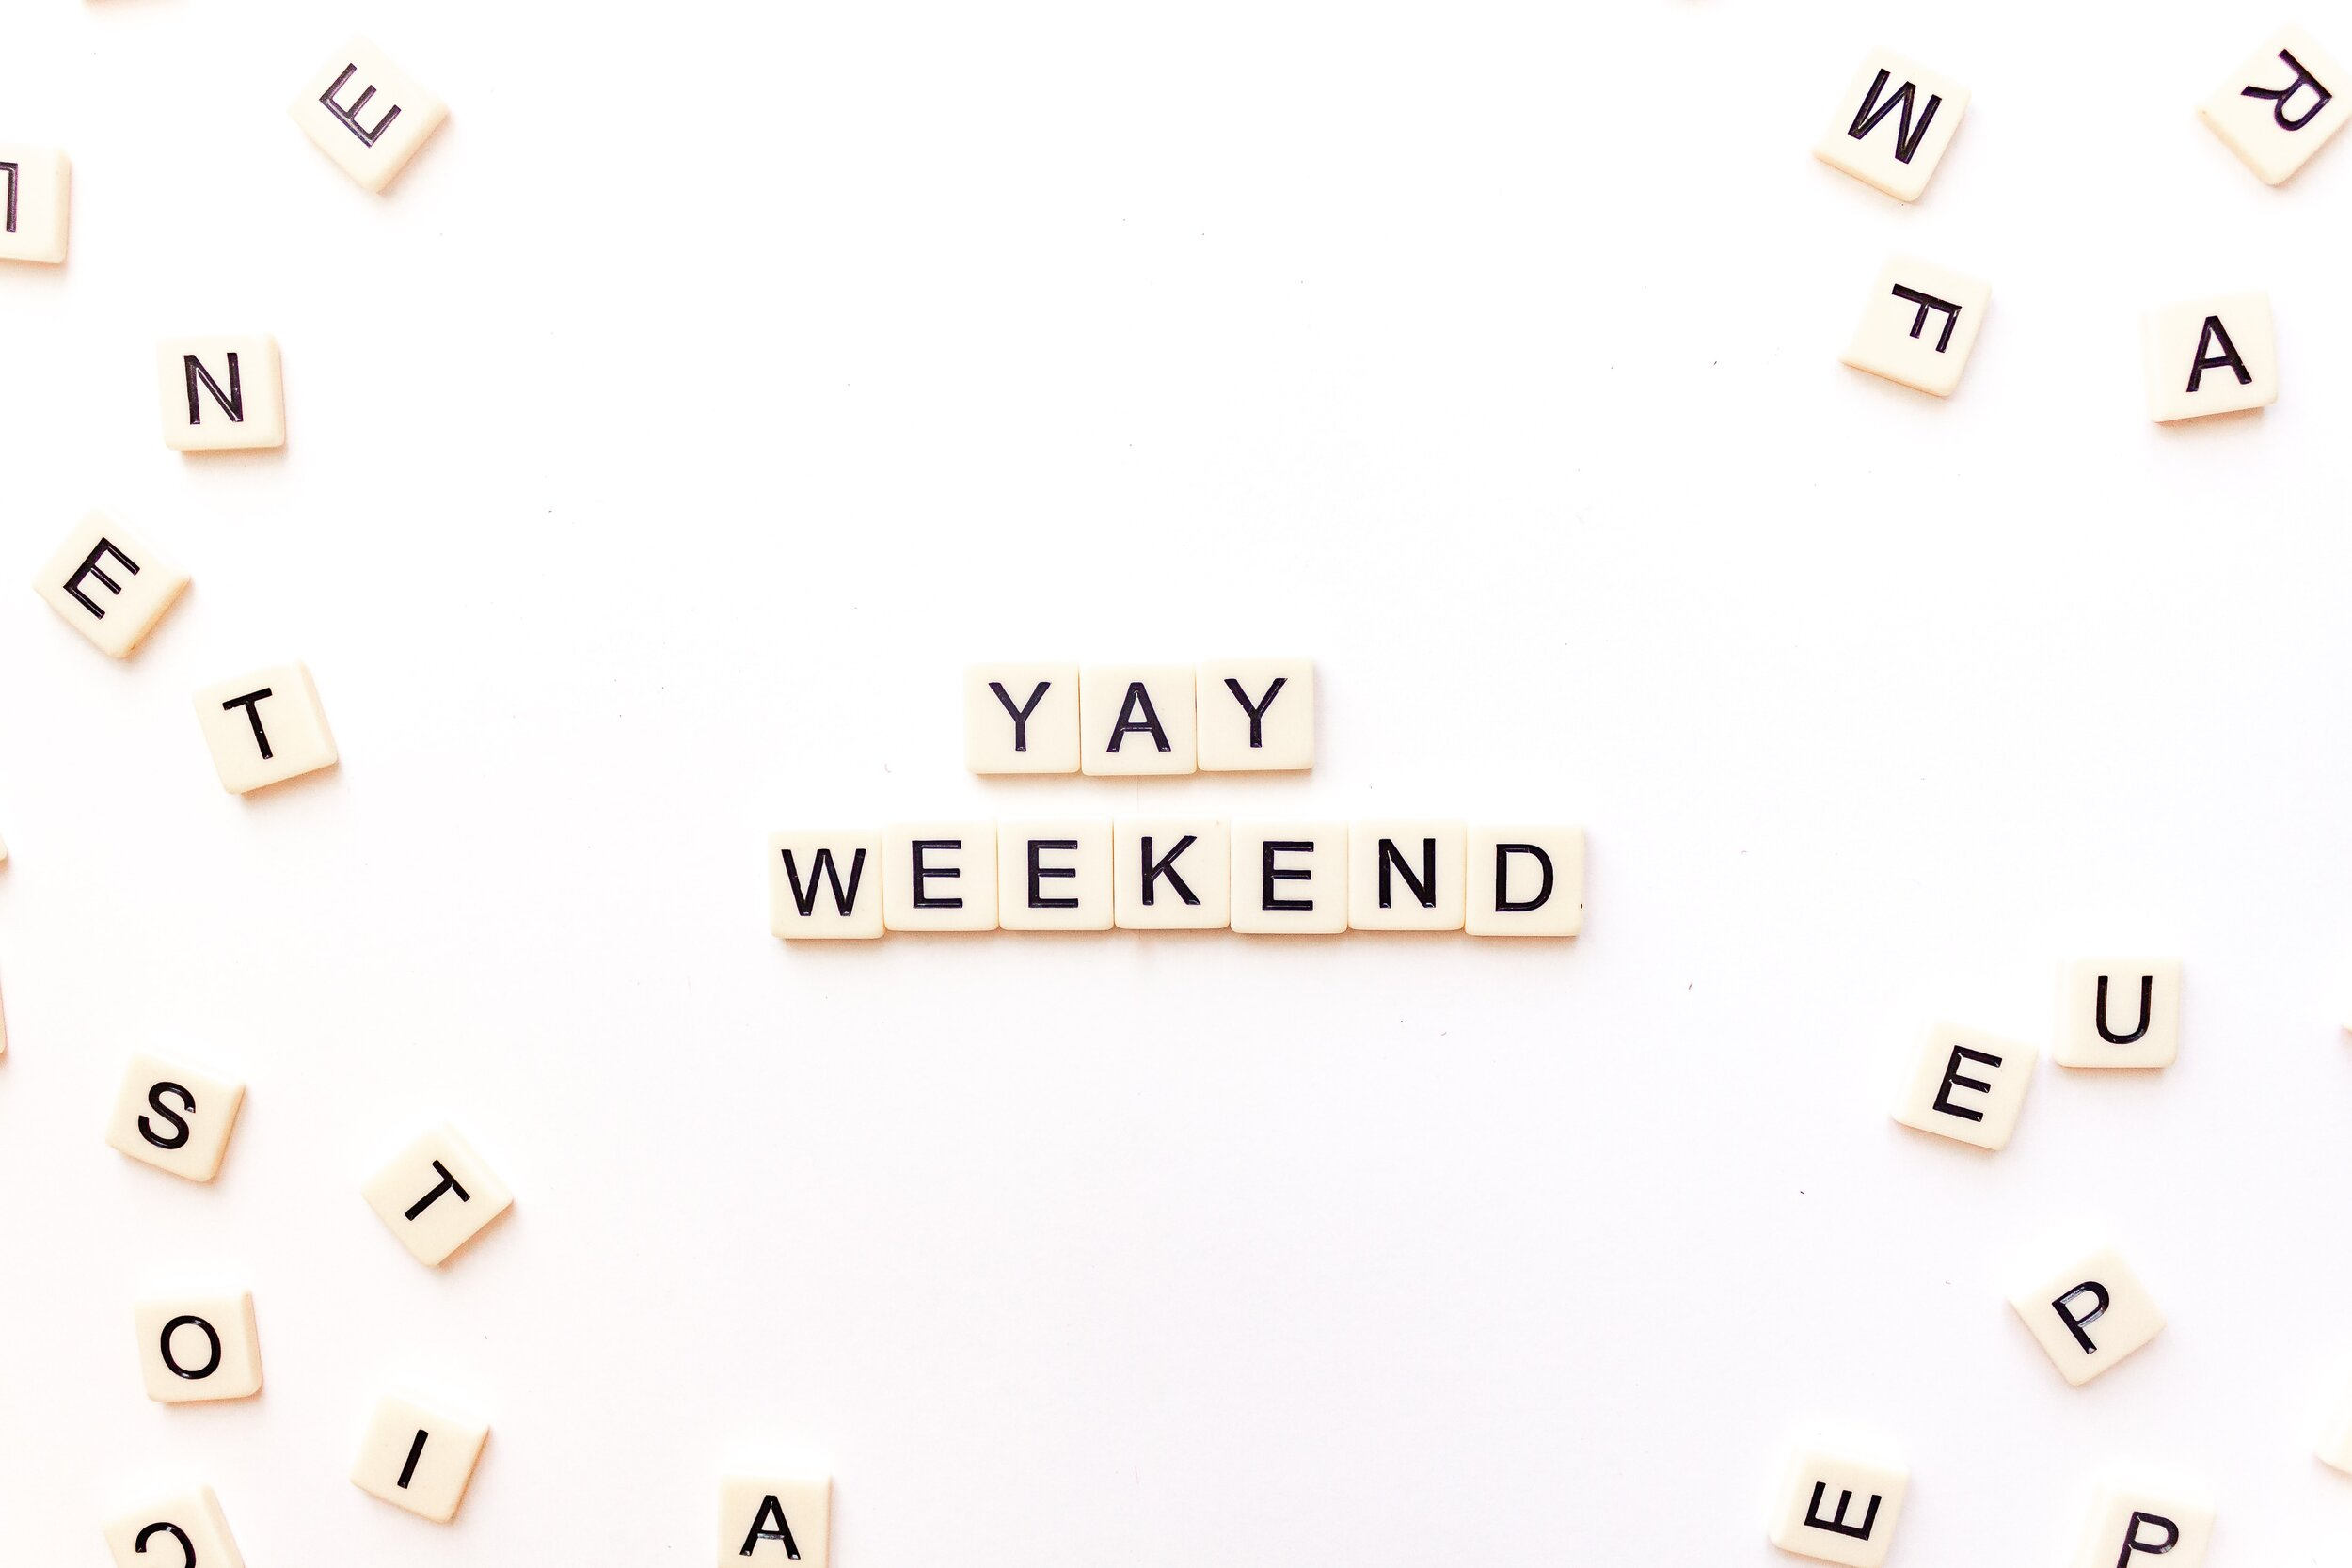 yay_weekend.jpg